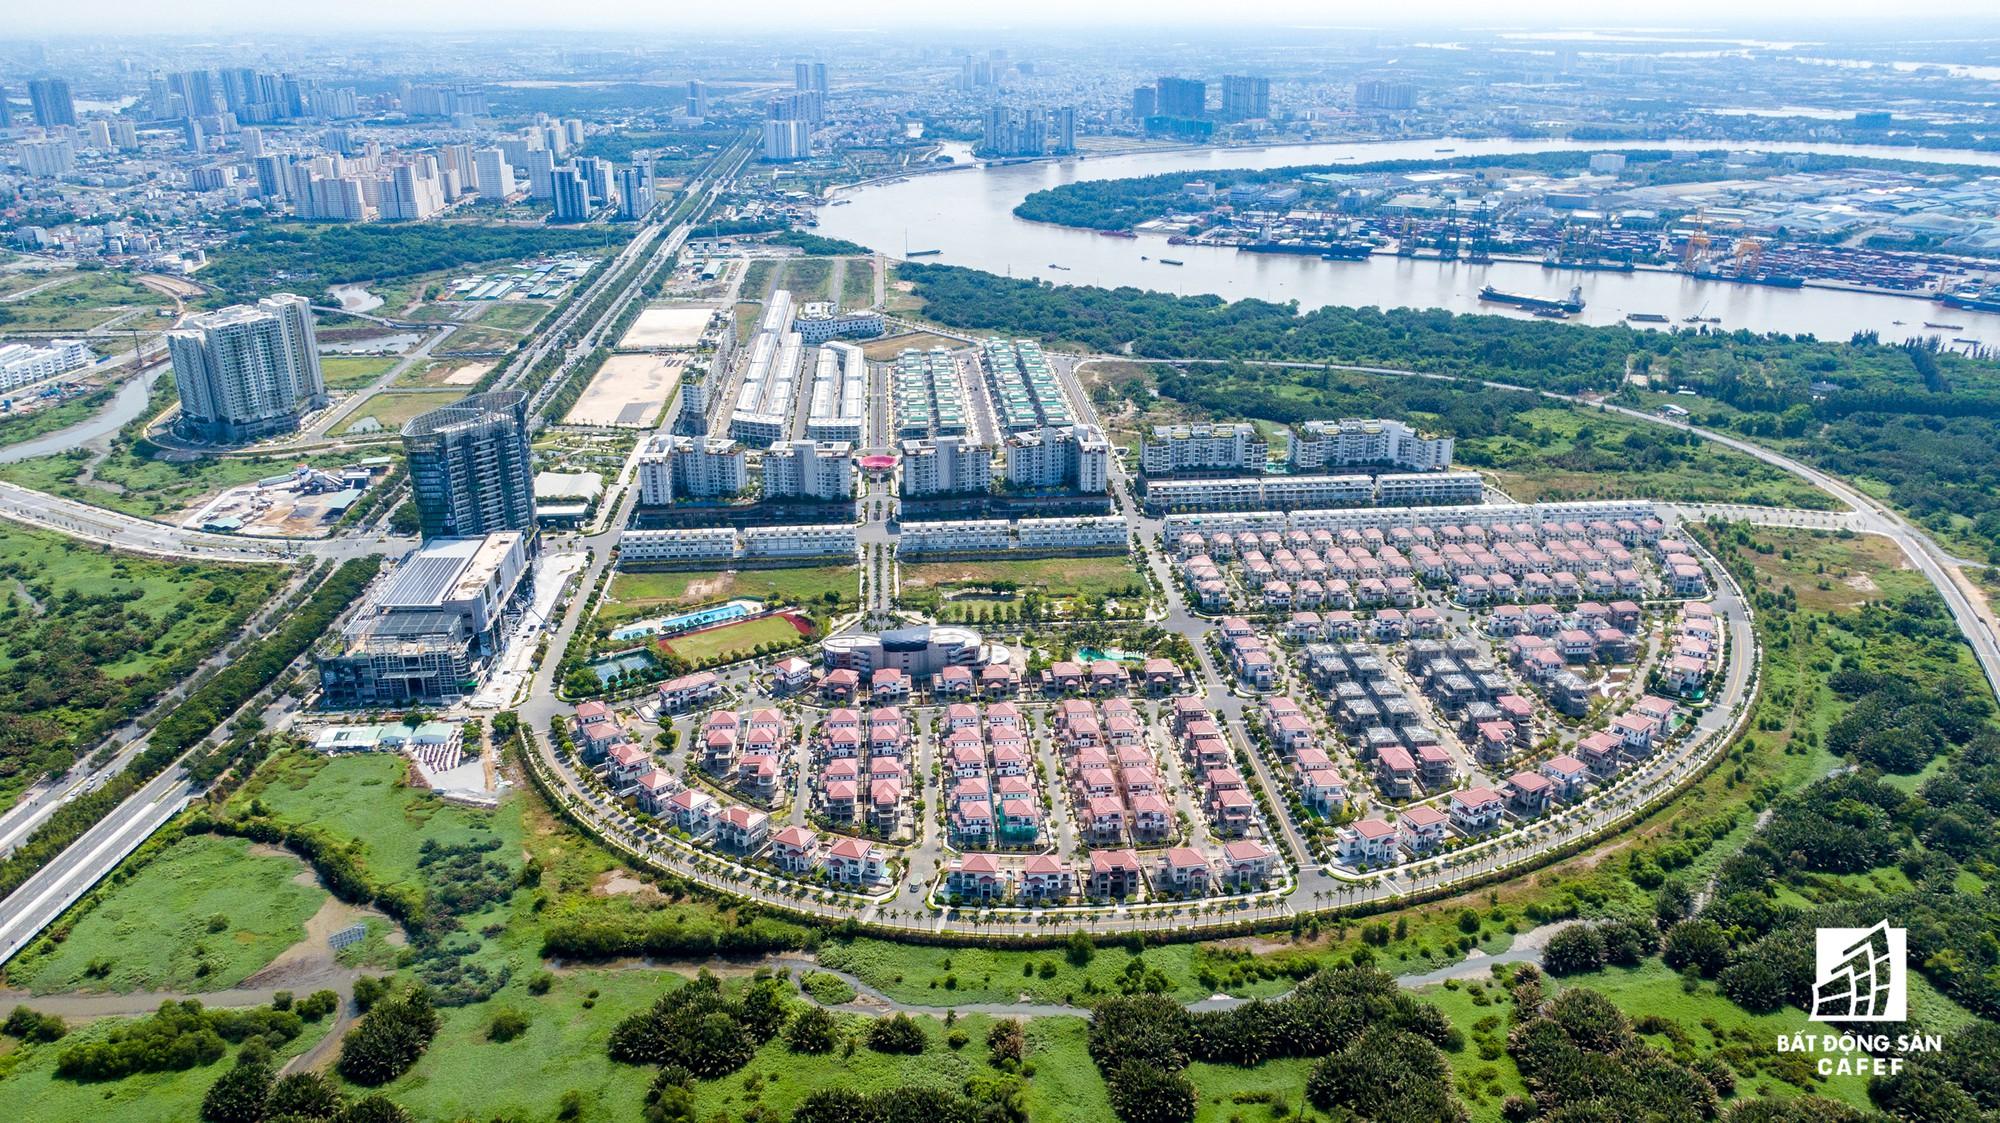 Diện mạo hai bờ sông Sài Gòn tương lai nhìn từ loạt siêu dự án tỷ đô, khu vực trung tâm giá nhà lên hơn 1 tỷ đồng/m2 - Ảnh 16. Diện mạo hai bờ sông Sài Gòn tương lai nhìn từ loạt siêu dự án tỷ đô, khu vực trung tâm giá nhà lên hơn 1 tỷ đồng/m2 Diện mạo hai bờ sông Sài Gòn tương lai nhìn từ loạt siêu dự án tỷ đô, khu vực trung tâm giá nhà lên hơn 1 tỷ đồng/m2 hinh 76 15682774579681012013466